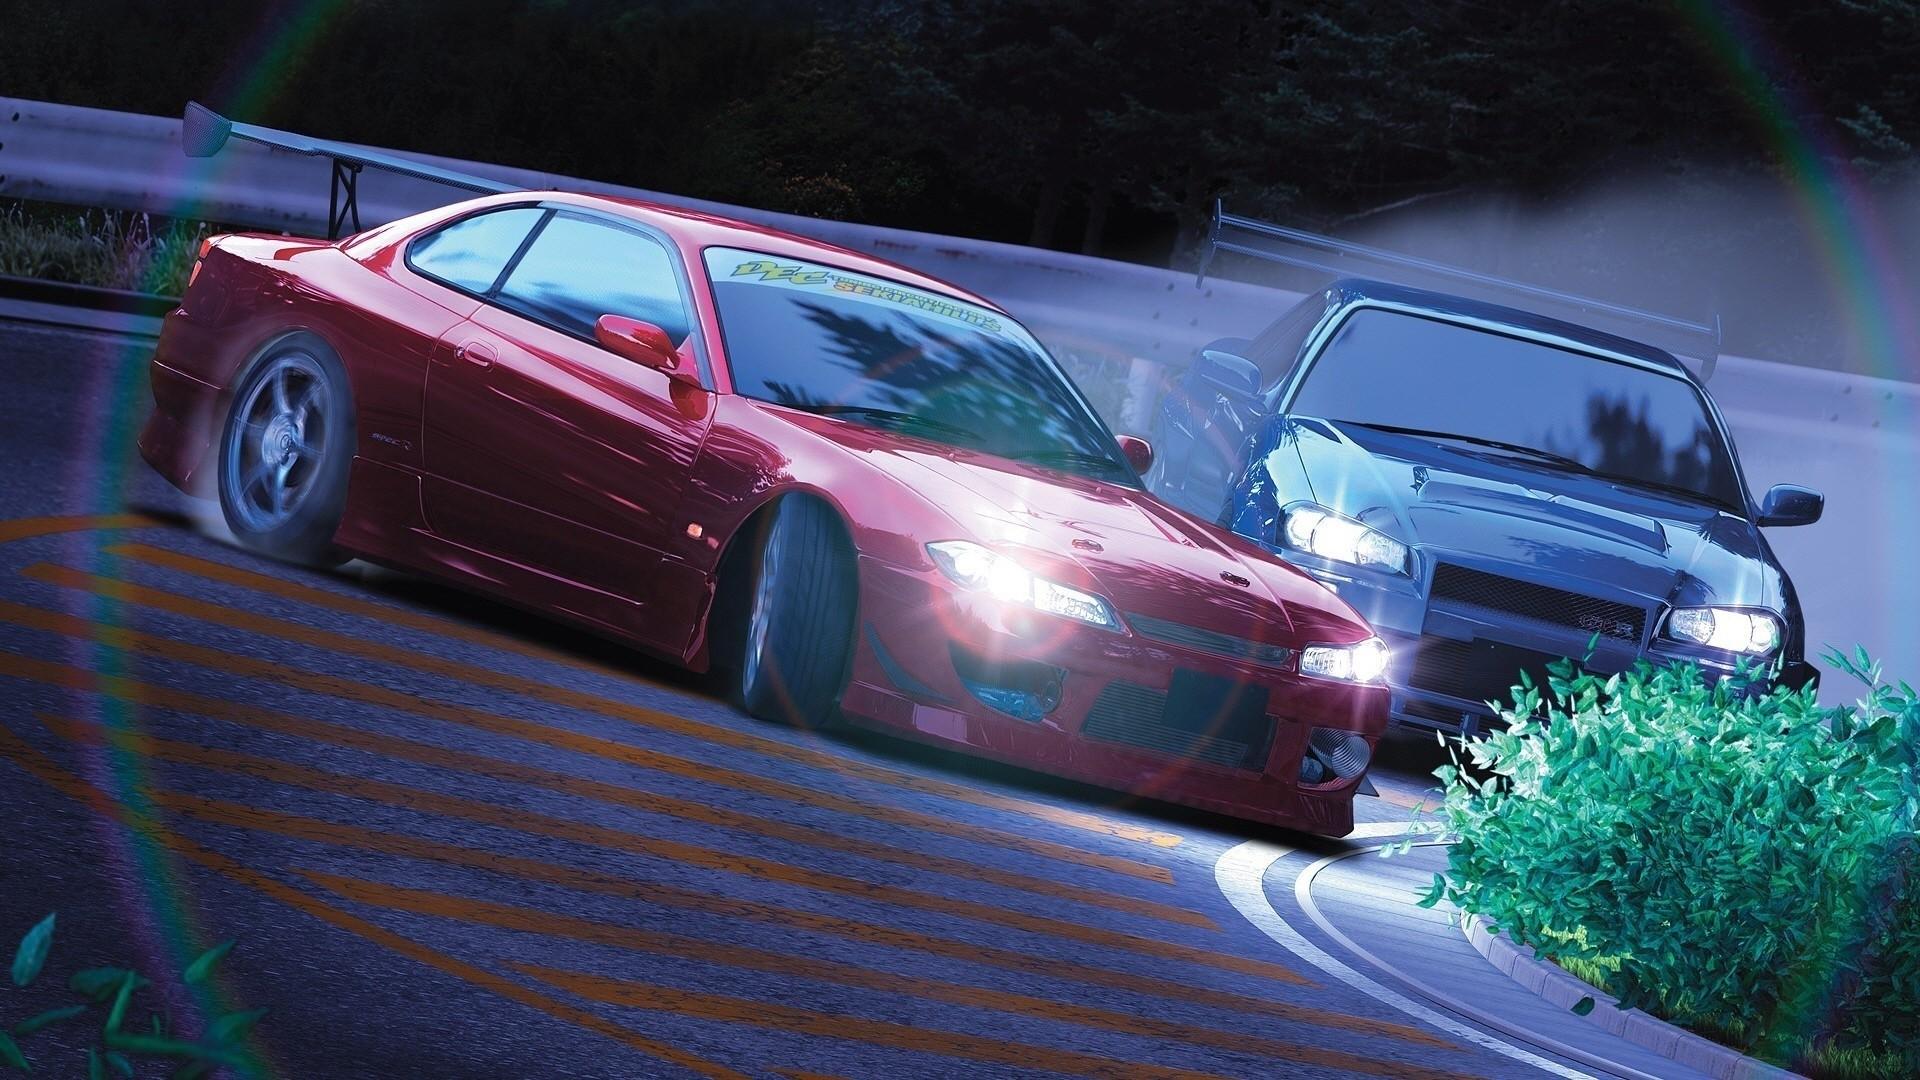 デスクトップ壁紙 スポーツカー ドリフト 日産スカイラインgt R R34 日産シルビアスペックr 運転 パフォーマンスカー ホイール スーパーカー 陸上車両 自動車デザイン 自動車メーカー 高級車 オートレース 19x1080 Vexel78 デスクトップ壁紙